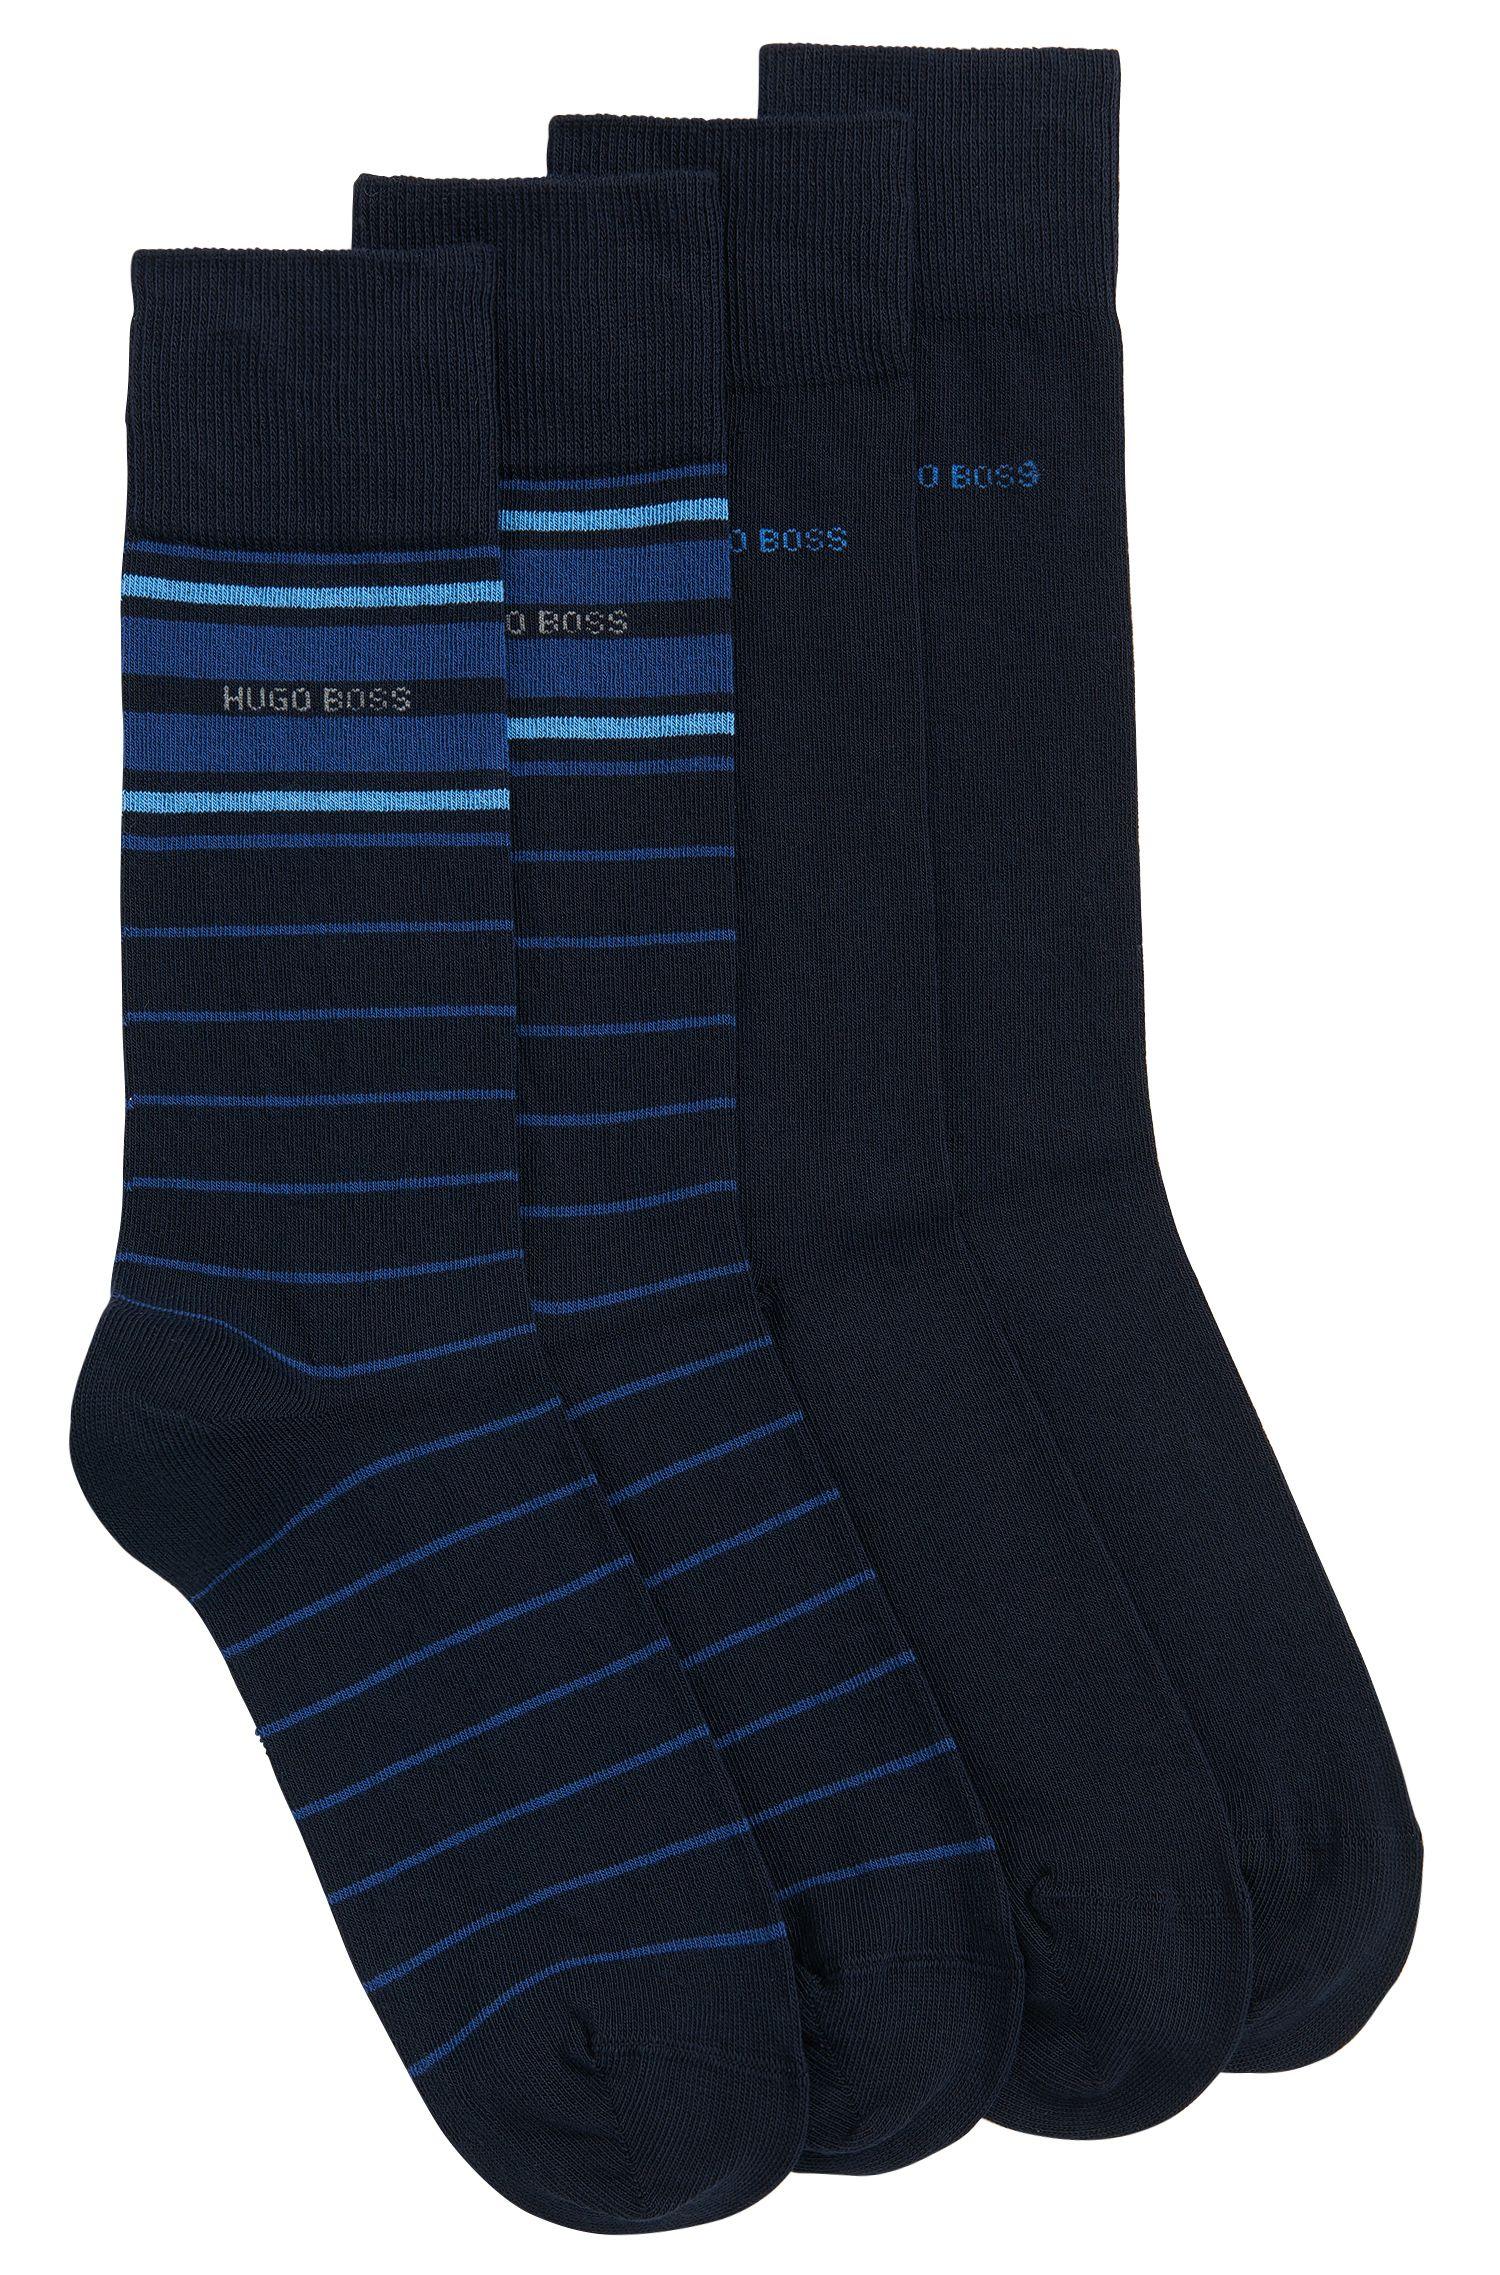 Lot de deux paires de chaussettes mi-hautes légères en coton stretch mélangé